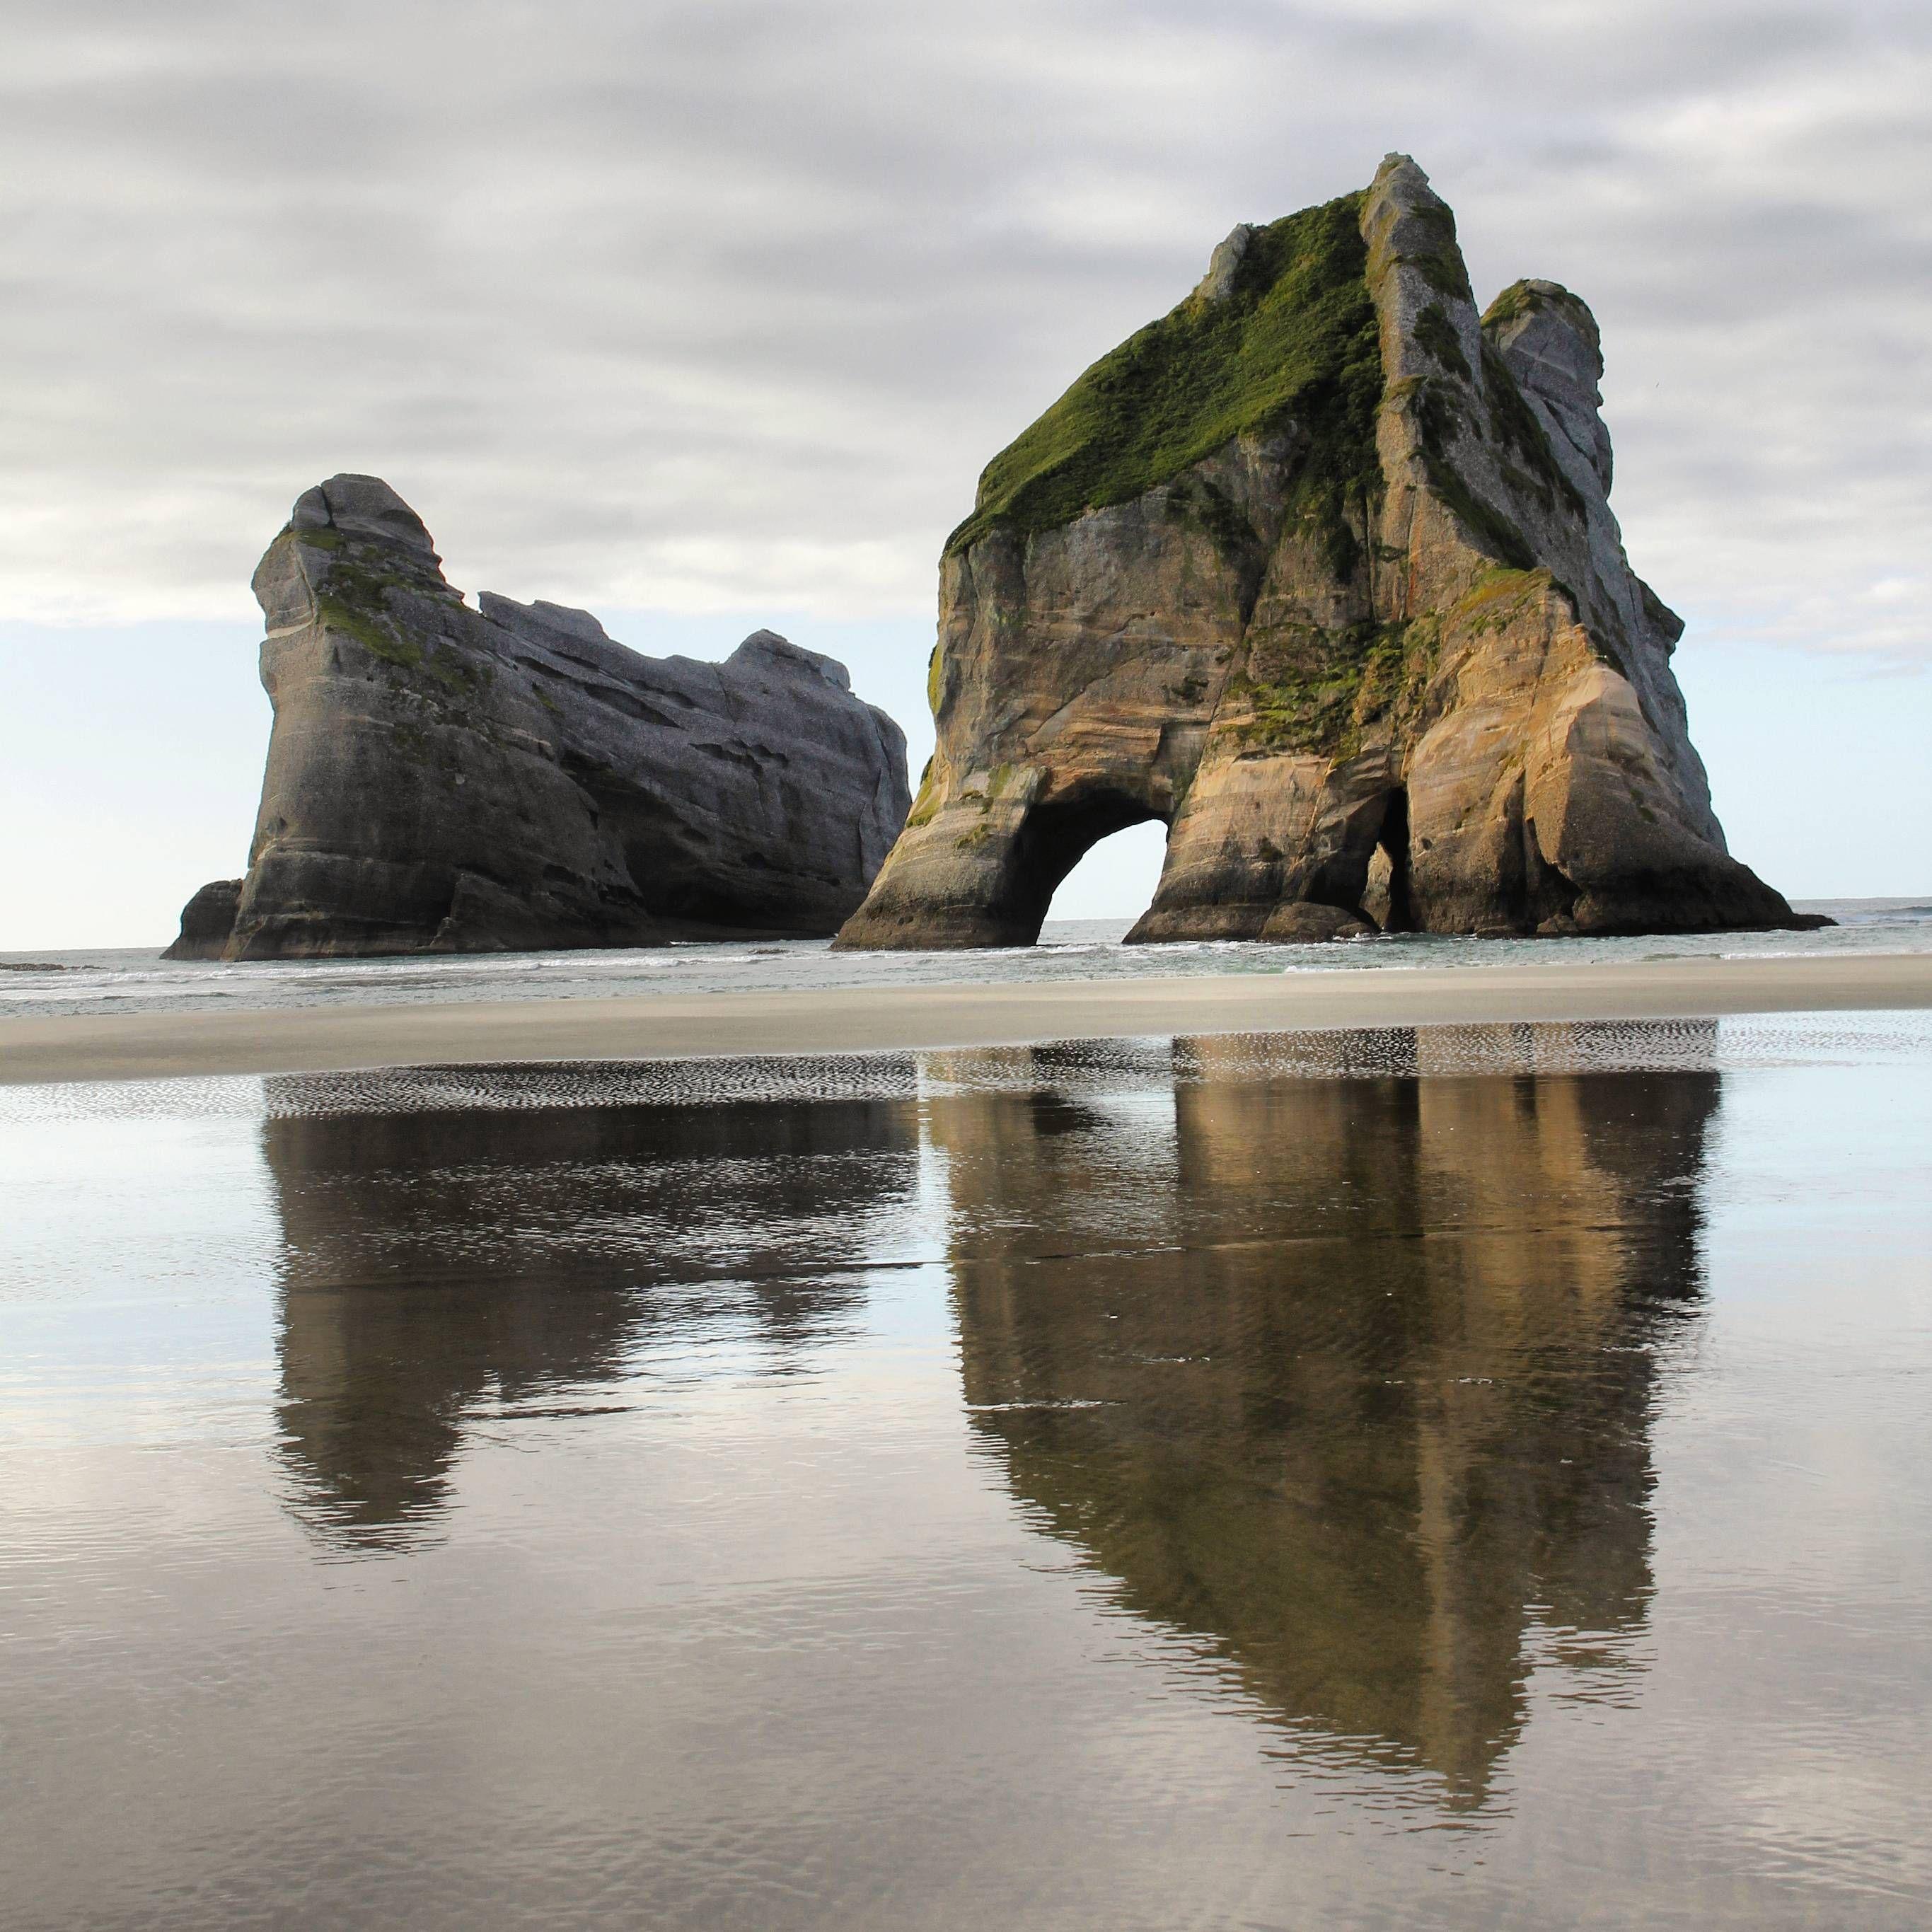 Wharariki Beach, NZ (OC) [2361x2361] Beach, Travel